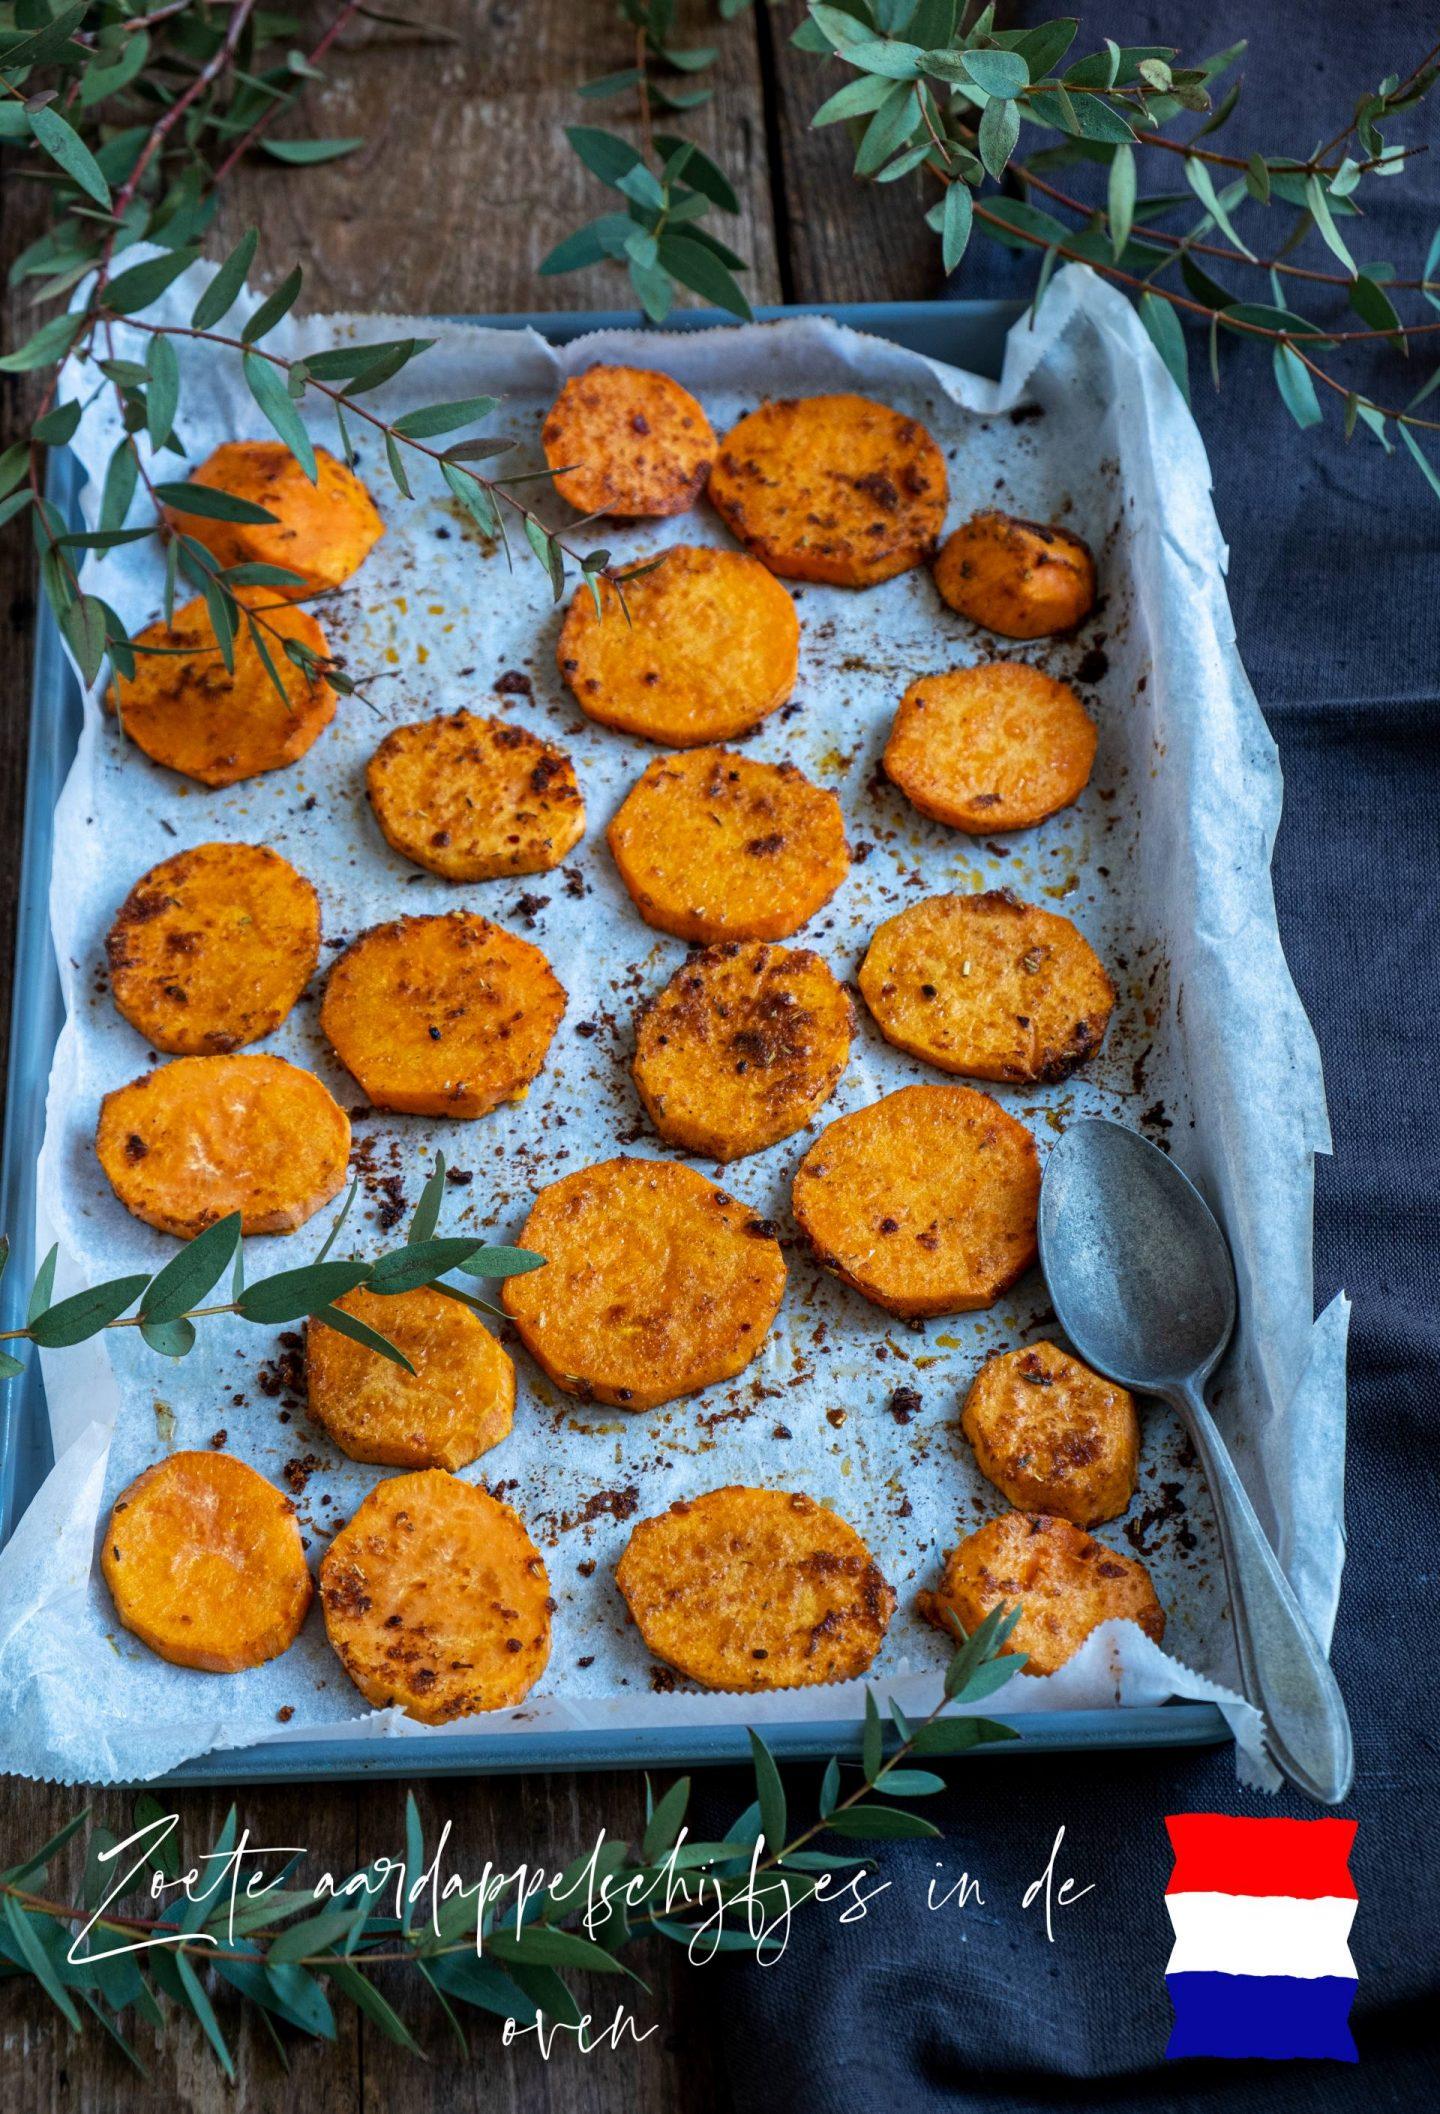 Zoete aardappelschijfjes in de oven